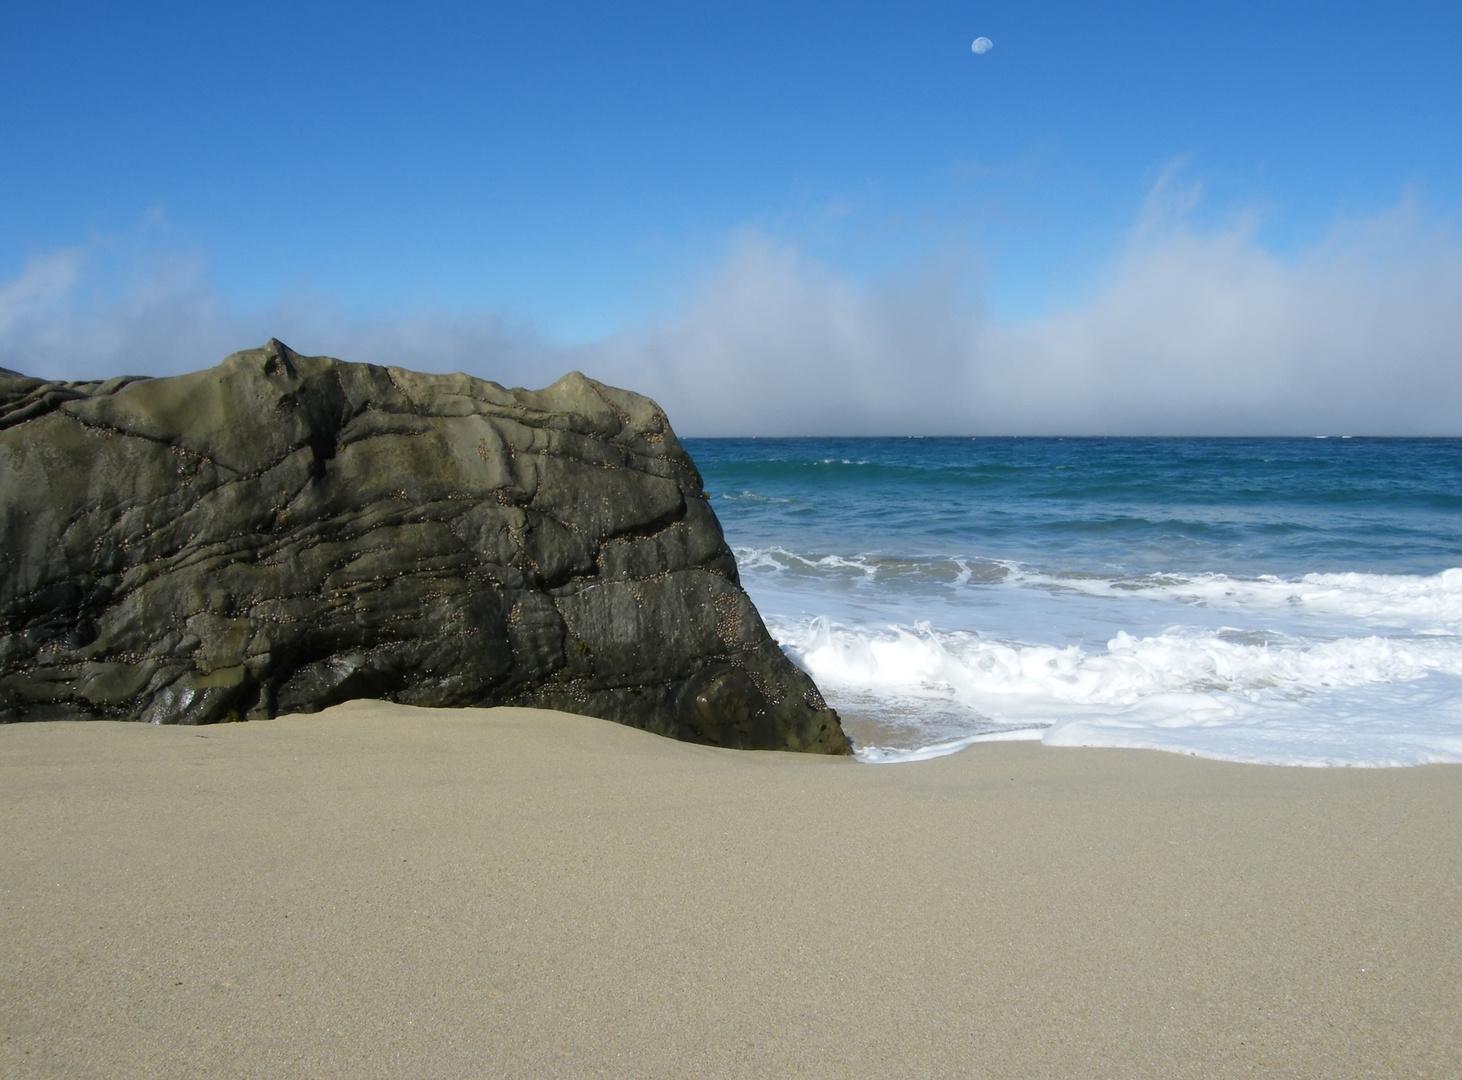 Pacific Coast Highway - Big Sur